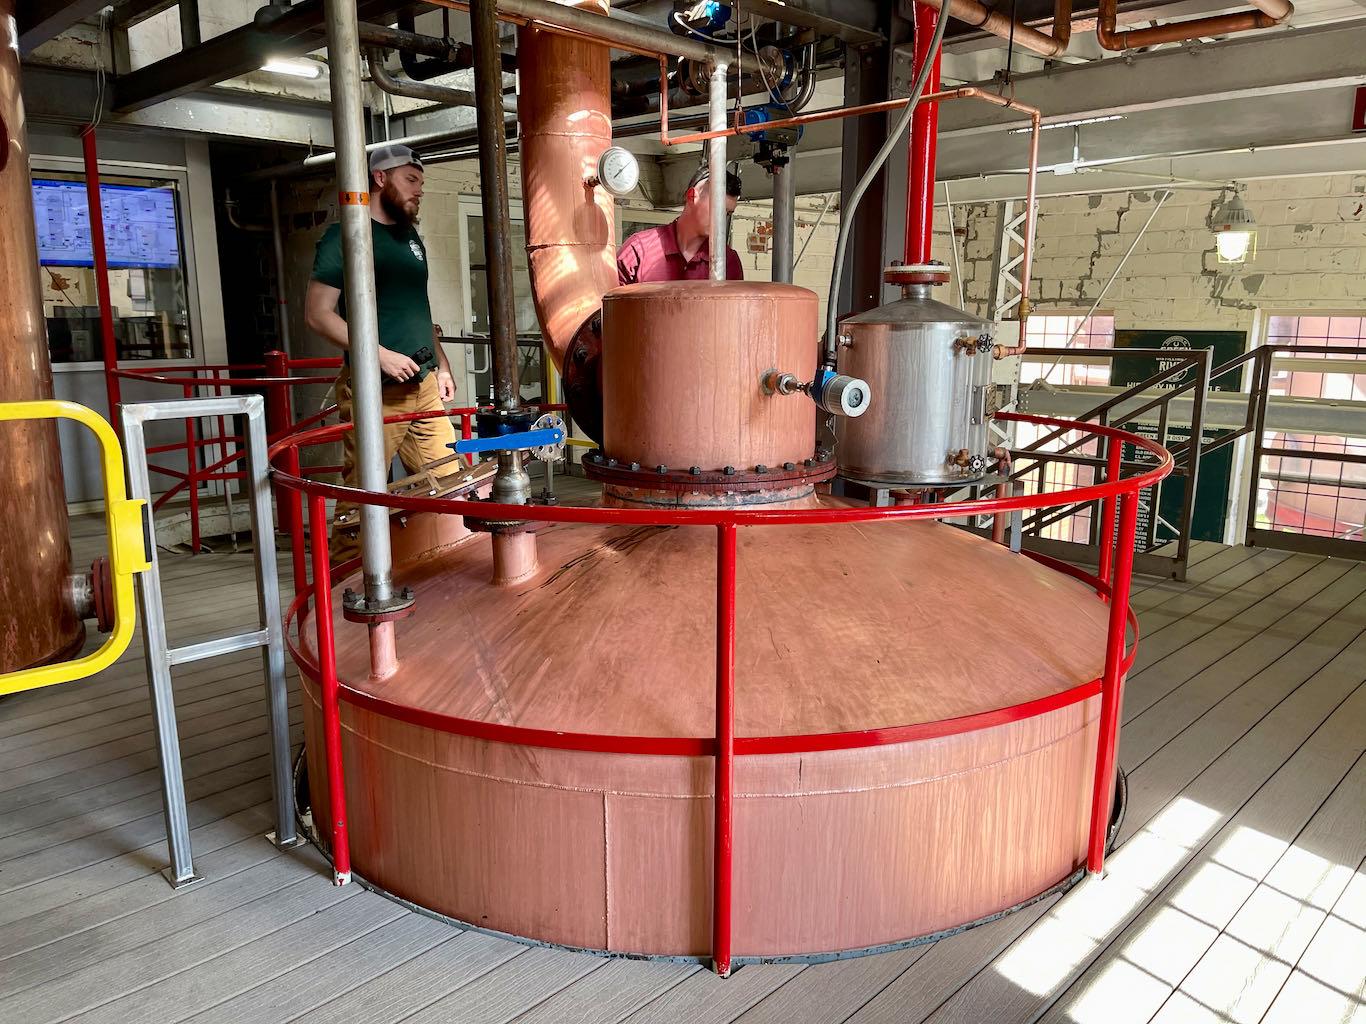 Doubler from Medley Distillery - Green River Distilling Co